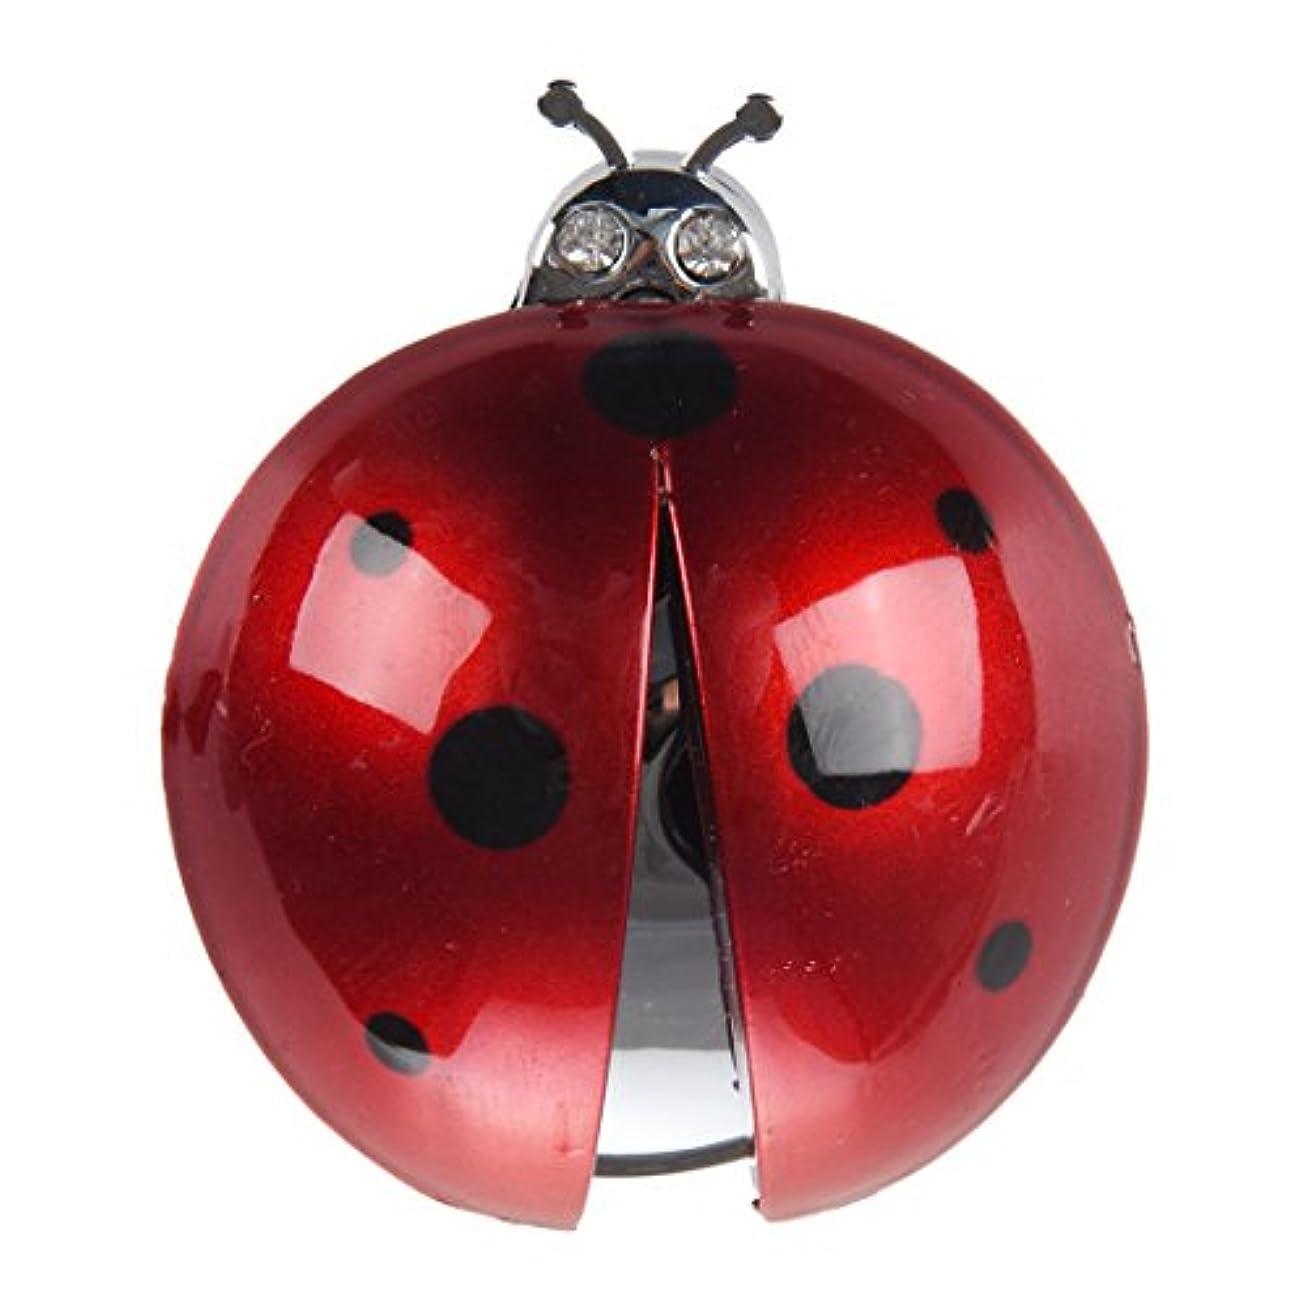 連帯鉄帰るTYJP TYJP(R)車の空気ベント てんとう虫のデザイン フレグランス 清浄 芳香 ダークレッド